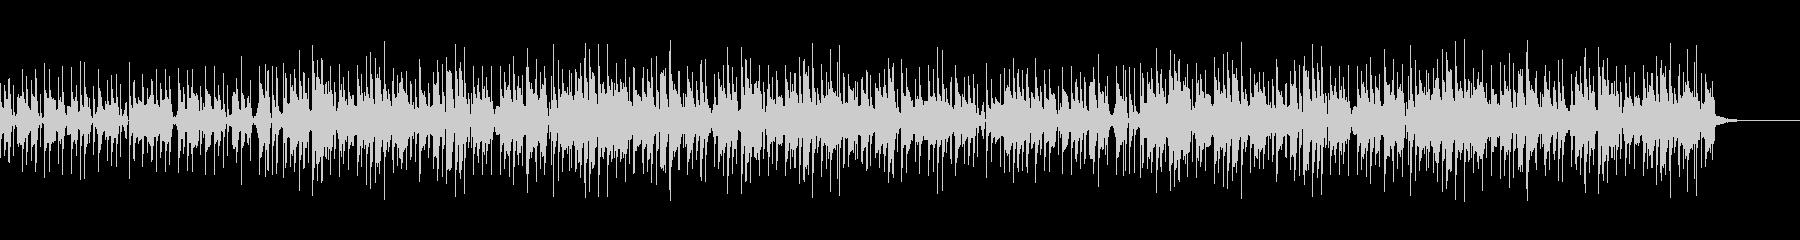 クイズが出されて考え中のクールなBGMの未再生の波形